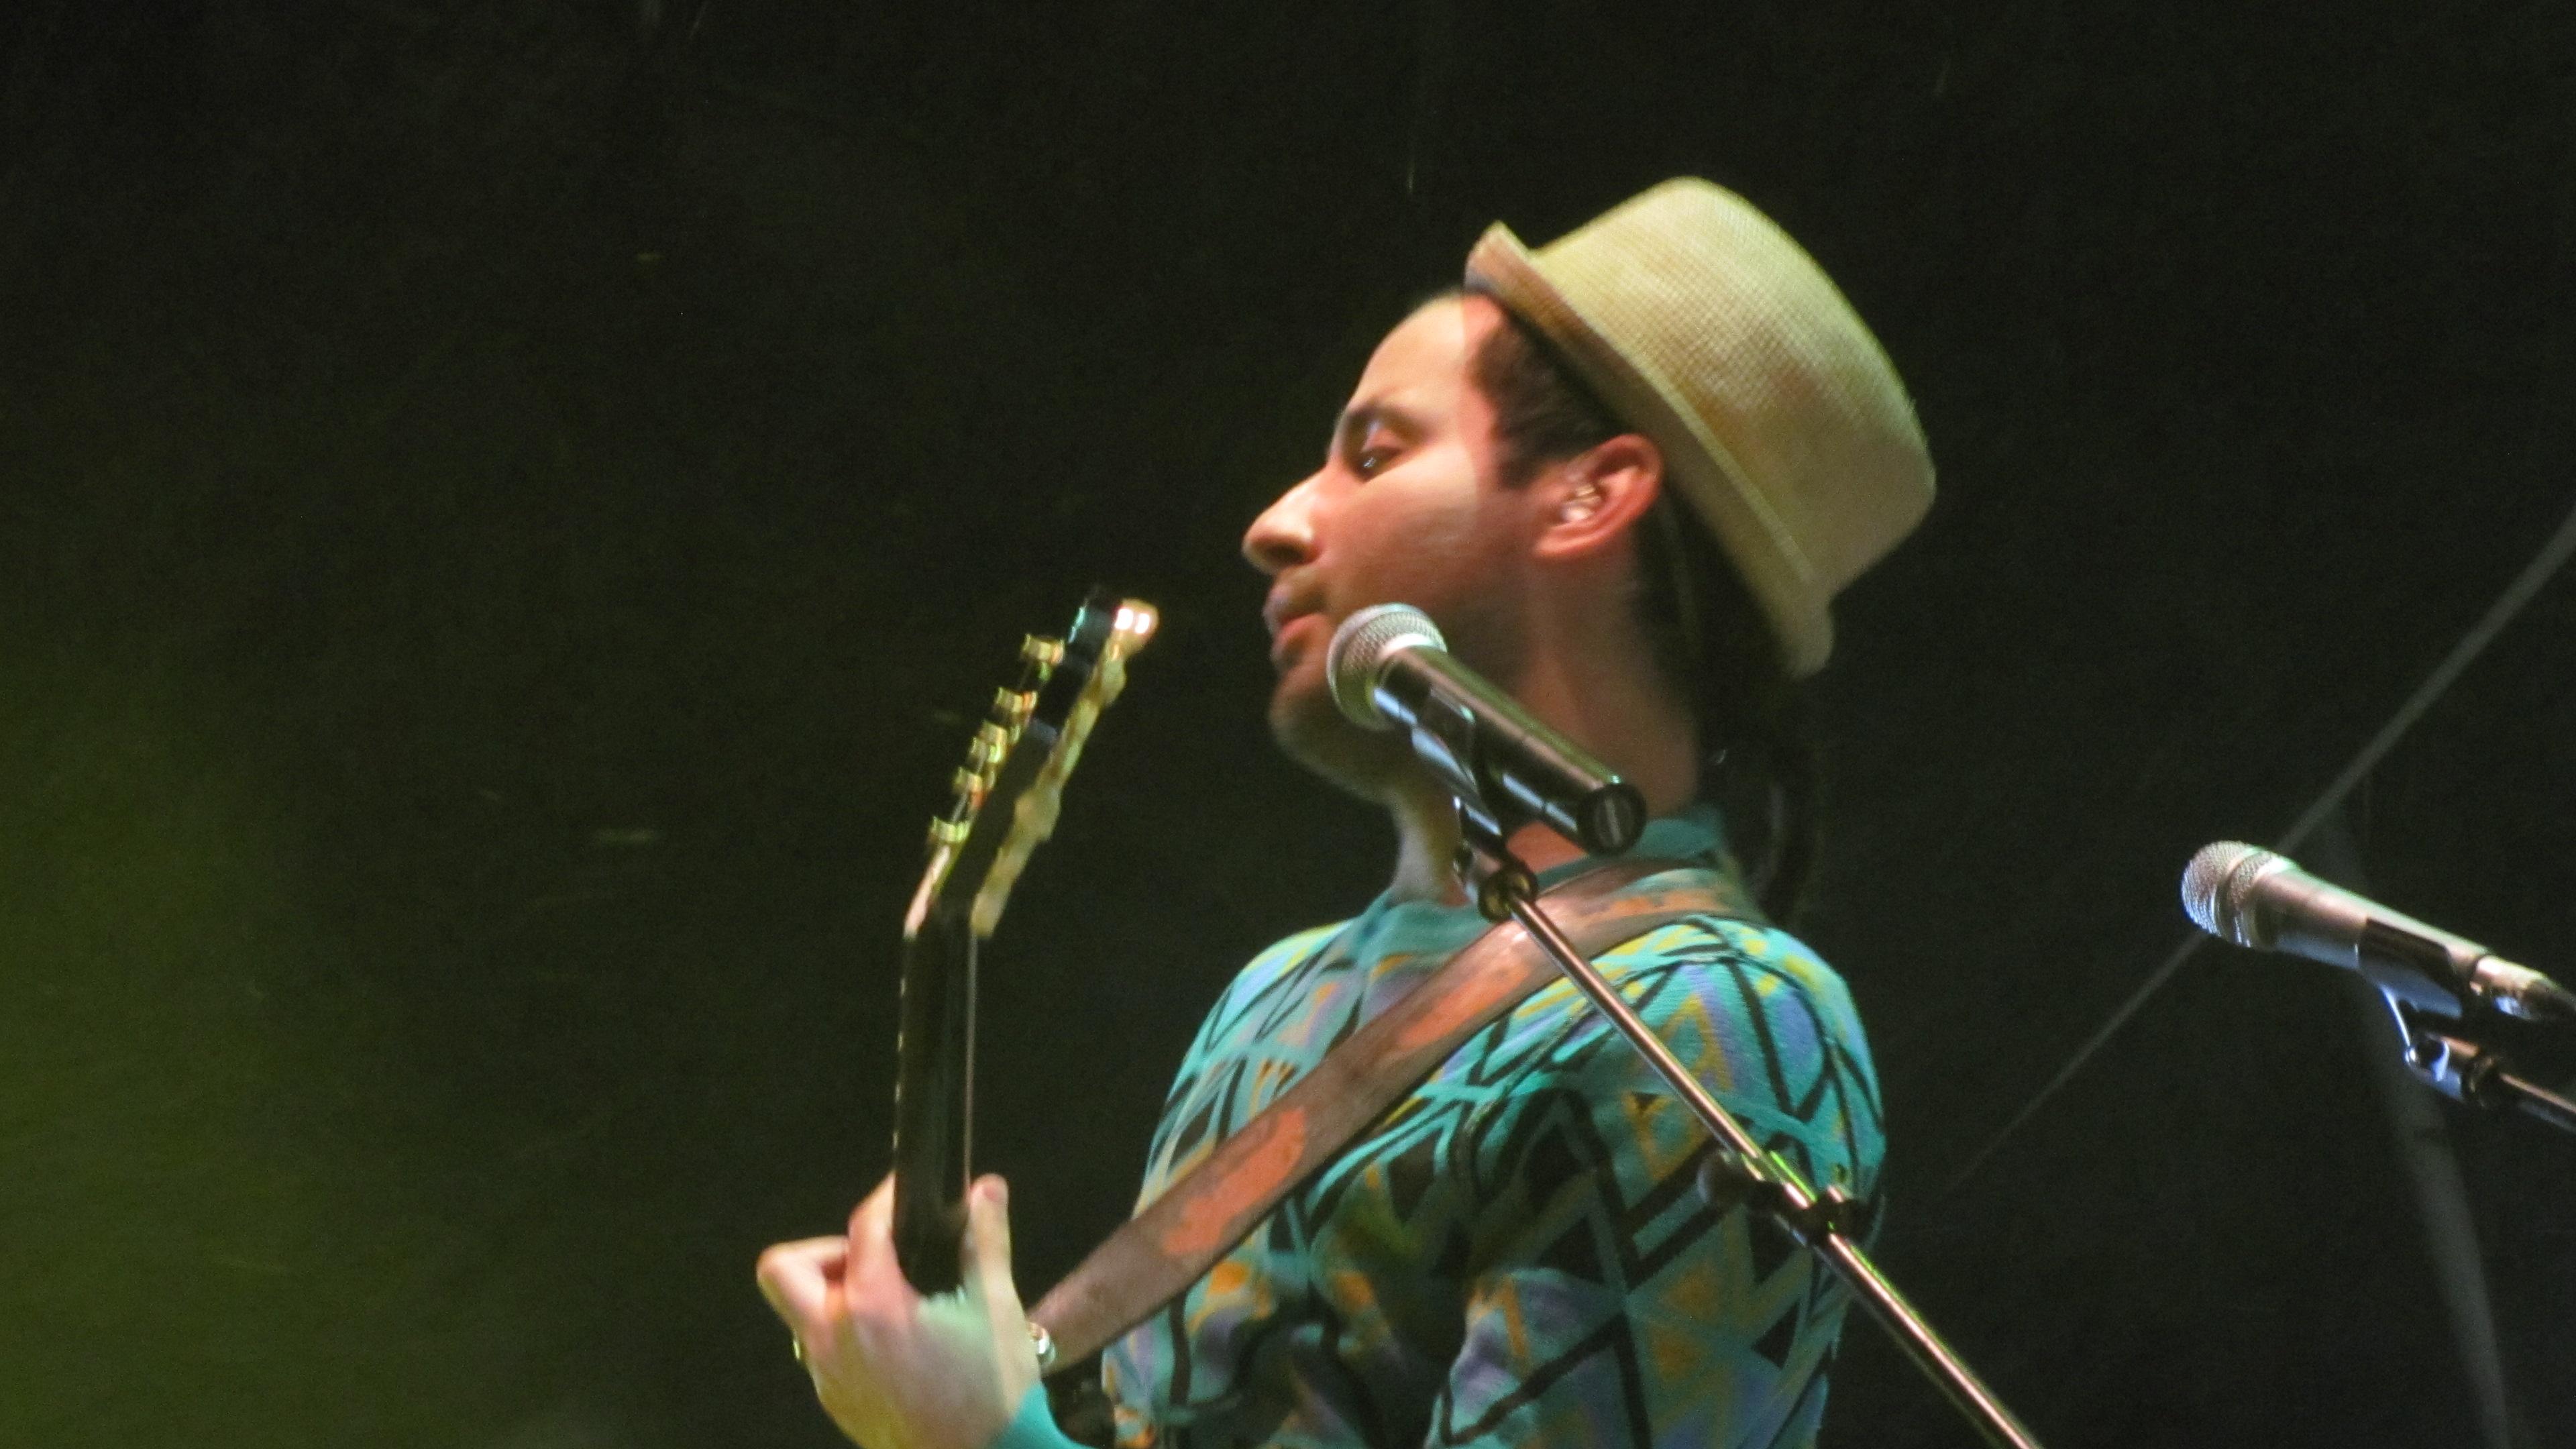 Eduardo Cabra, Visitante, en el Concierto de Calle 13 durante el Festival Sonorama Ribera 2012 en el Escenario Principal.